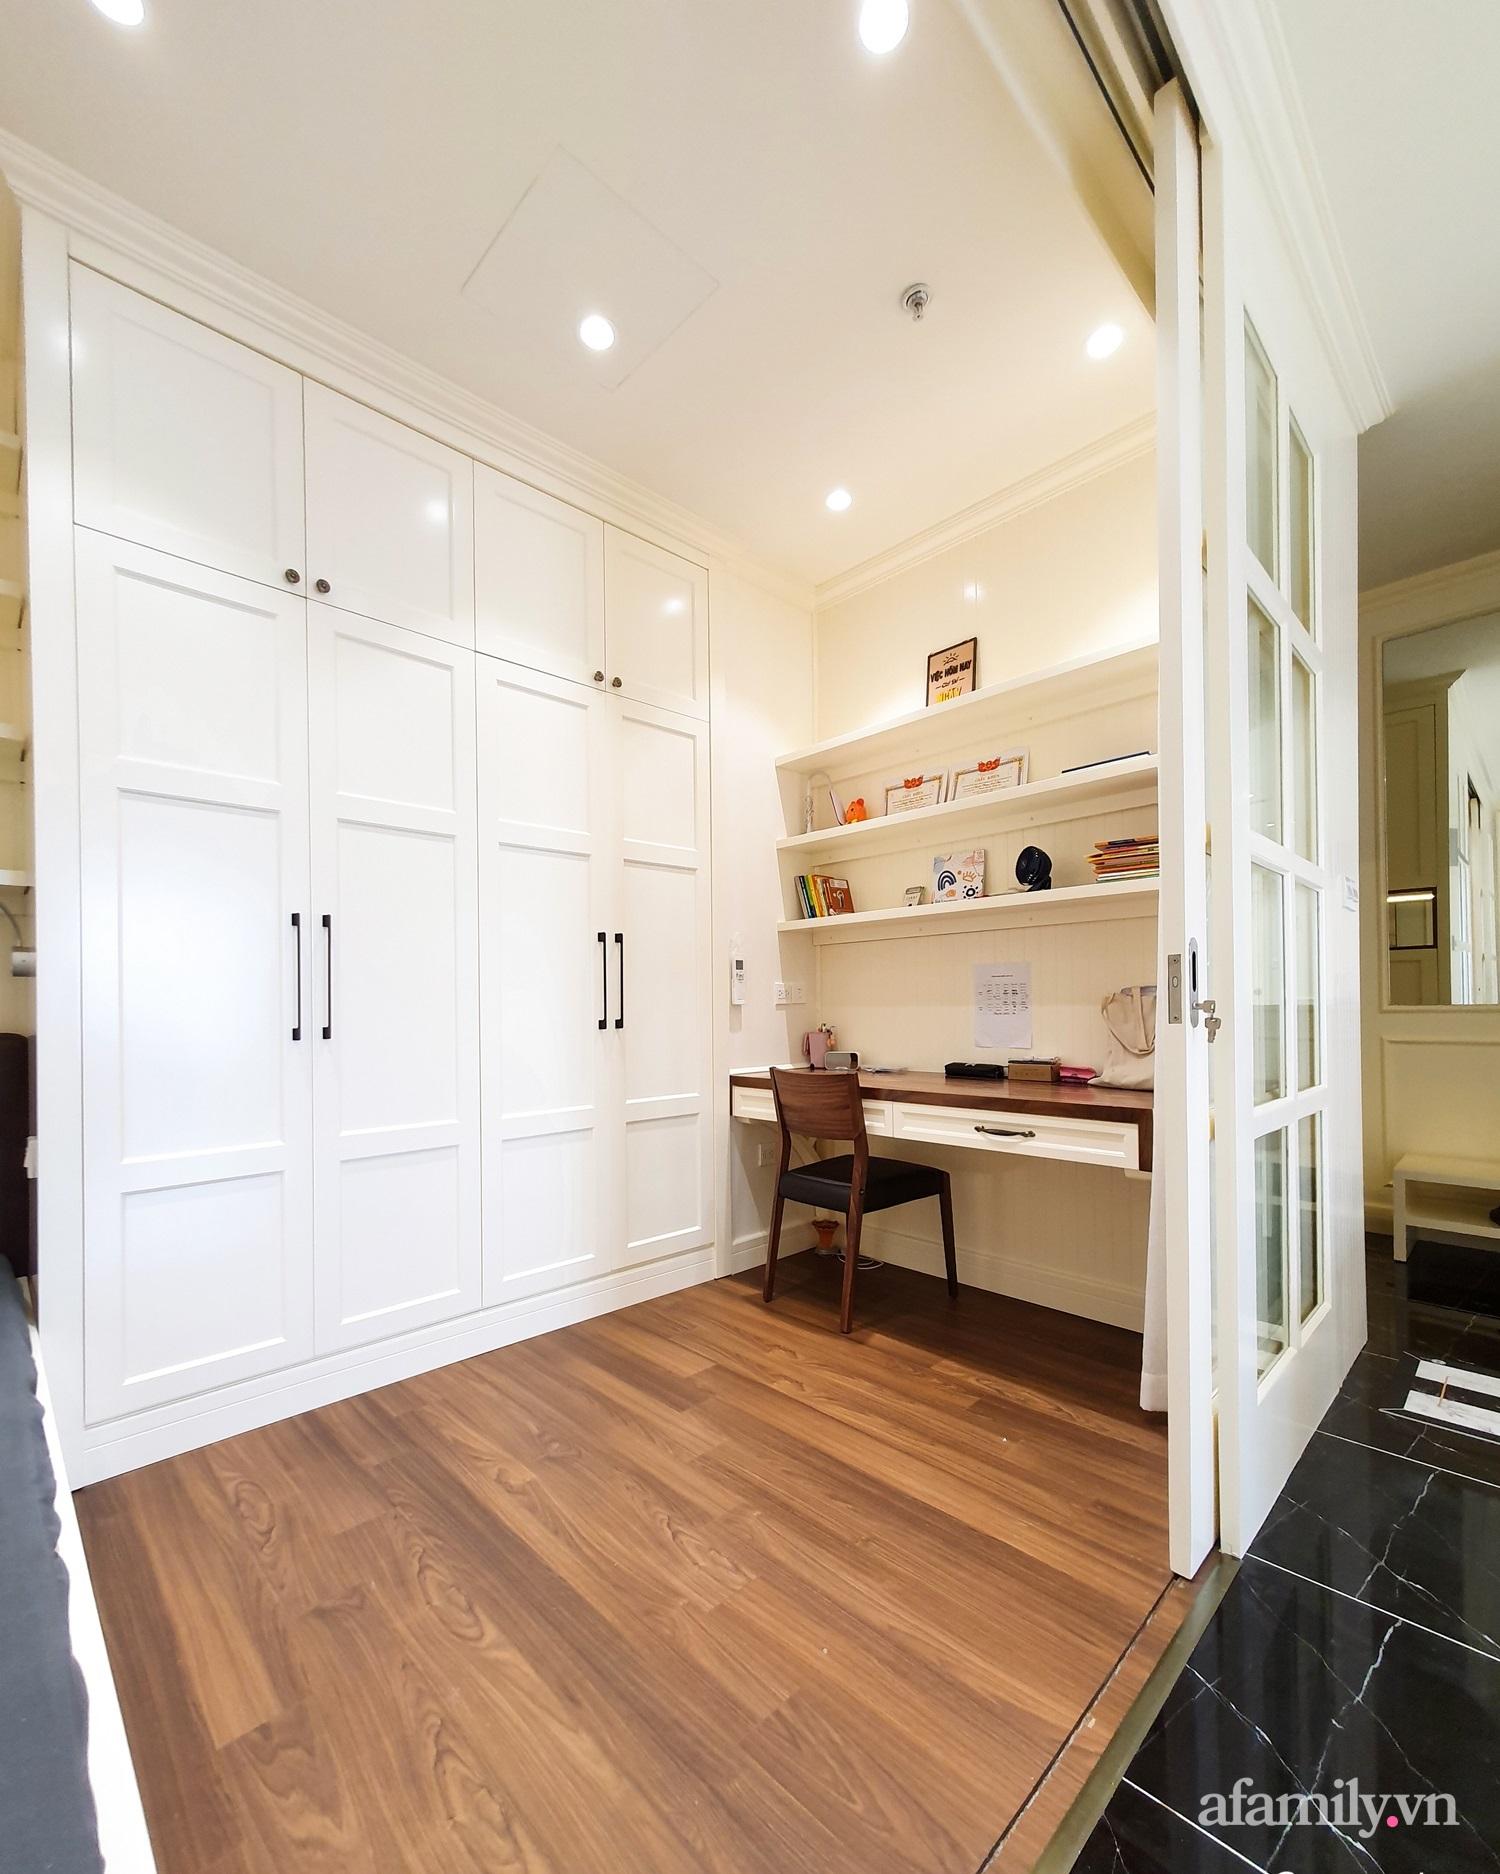 Căn hộ 121m² đẹp sang chảnh với phong cách bán cổ điển ở Hà Nội - Ảnh 14.